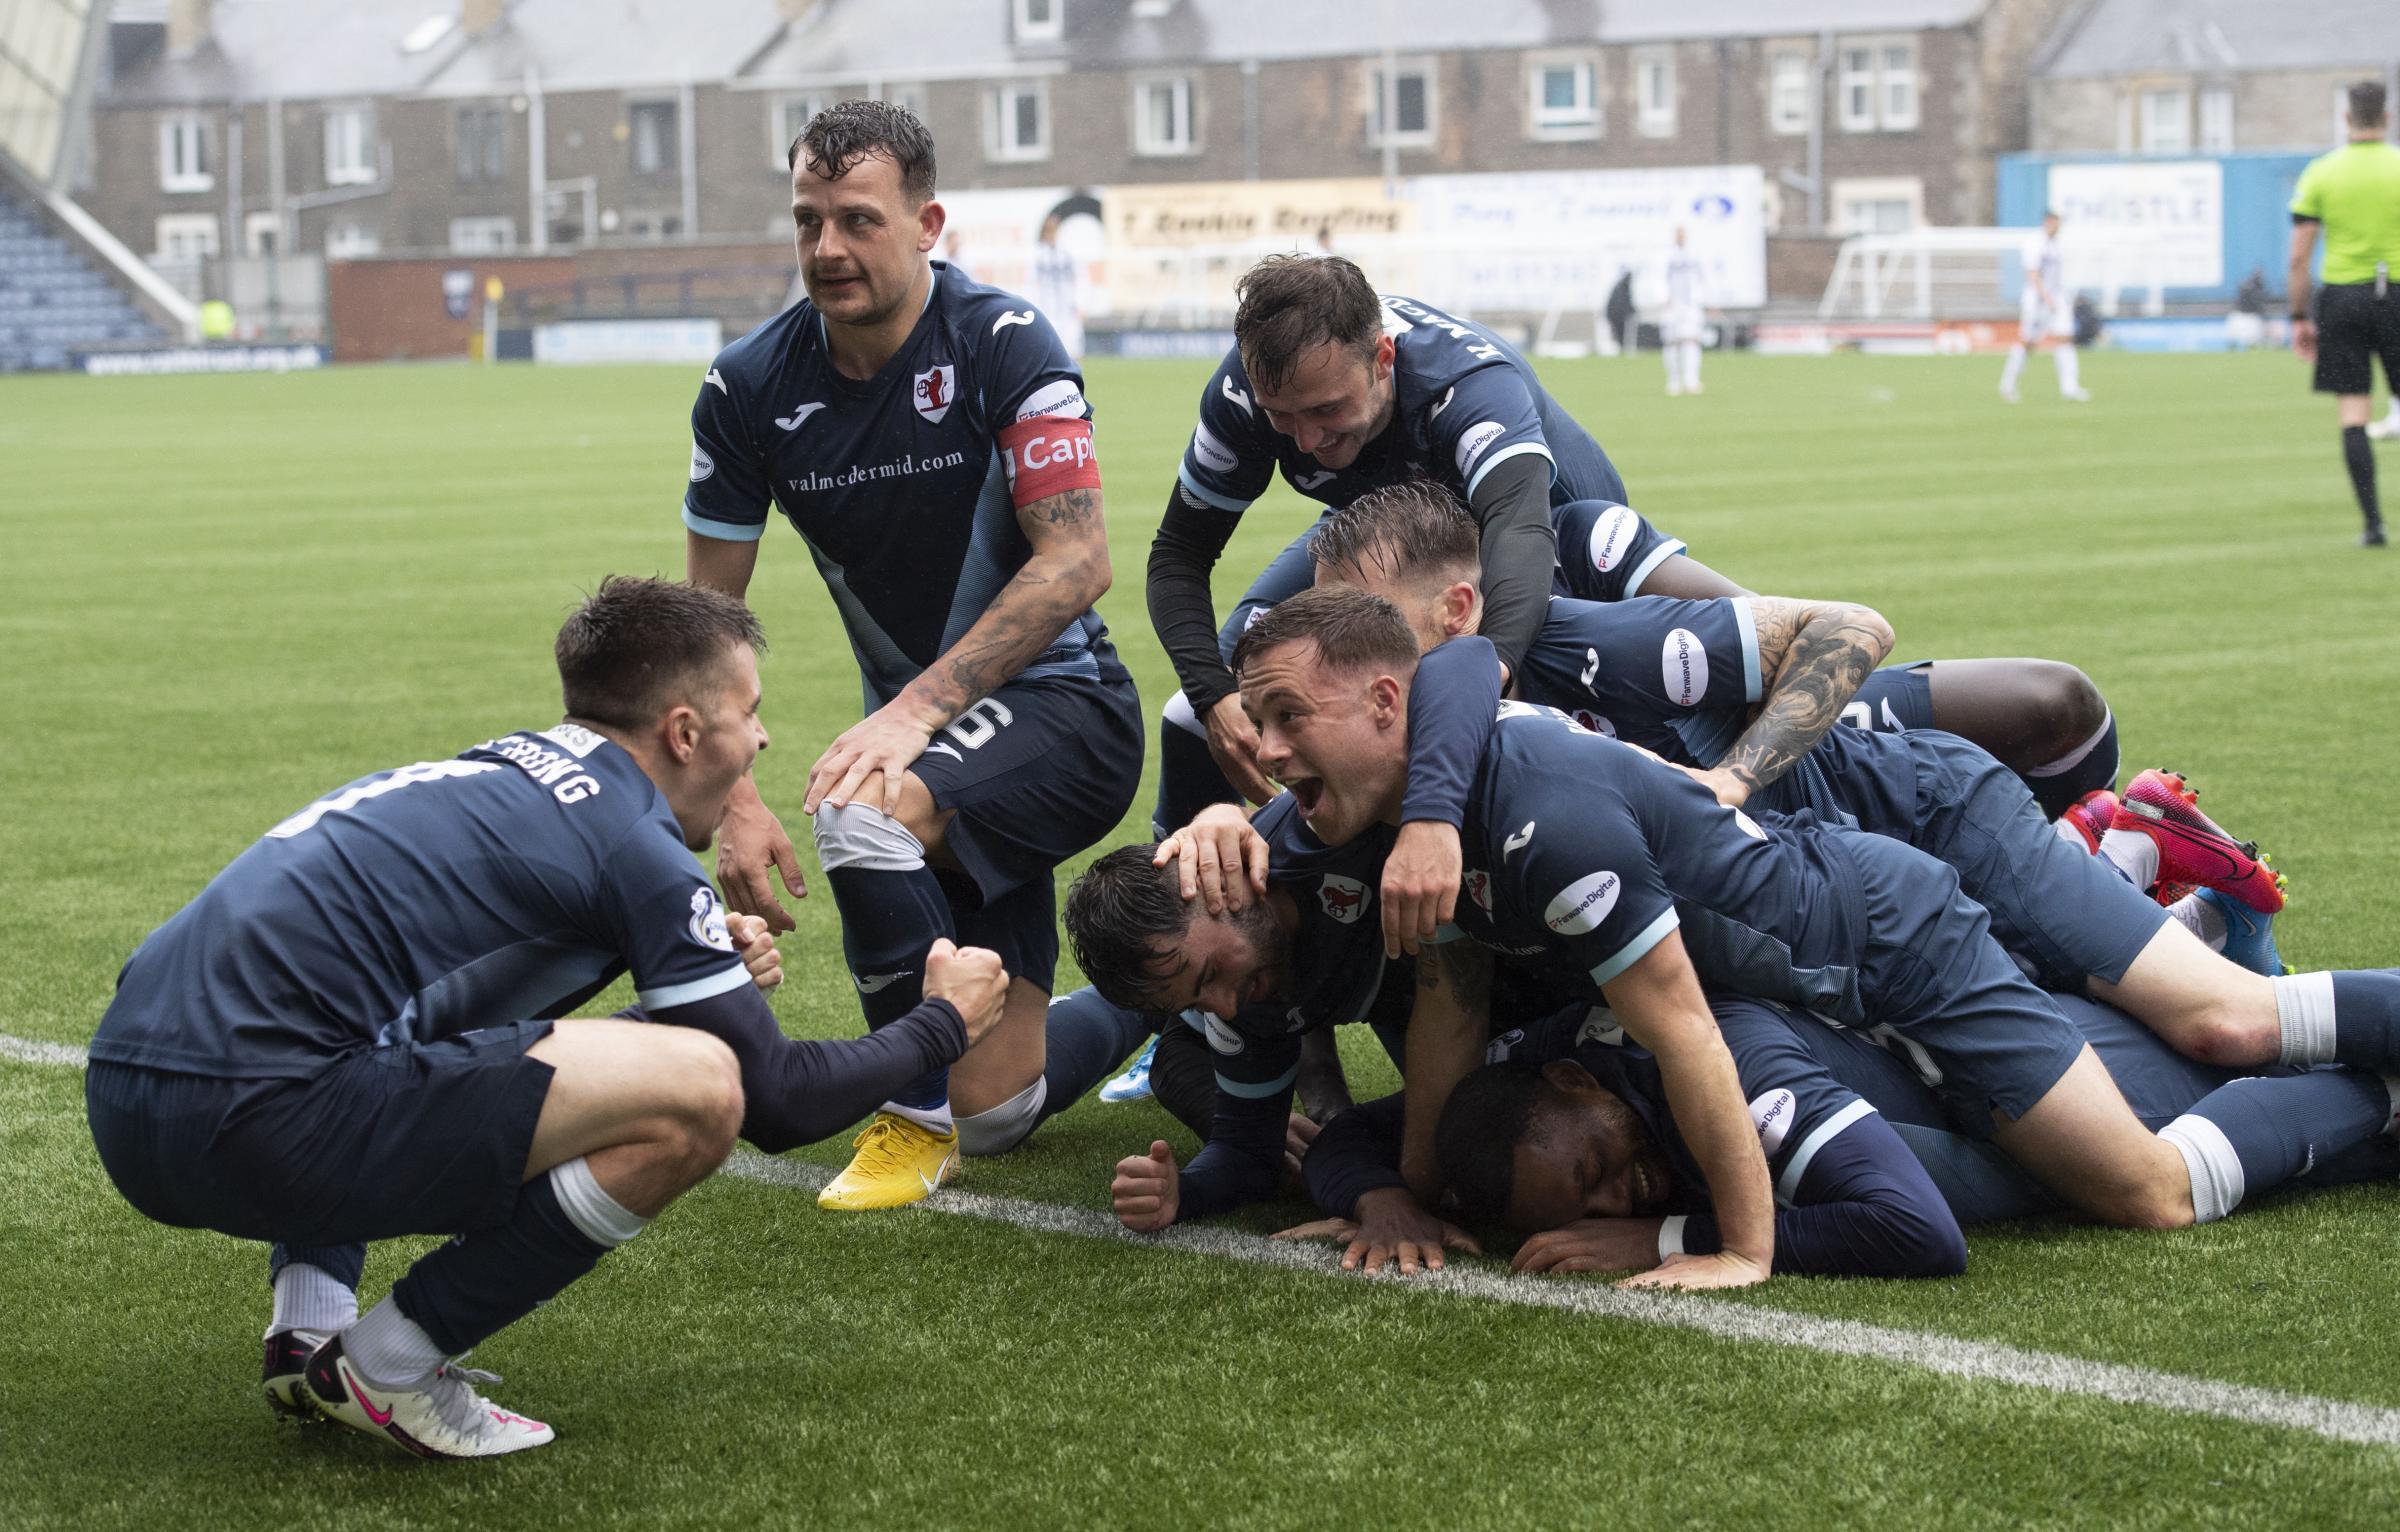 Raith Rovers 2-0 Dunfermline: McGlynn's men tee up semi-final with Dundee